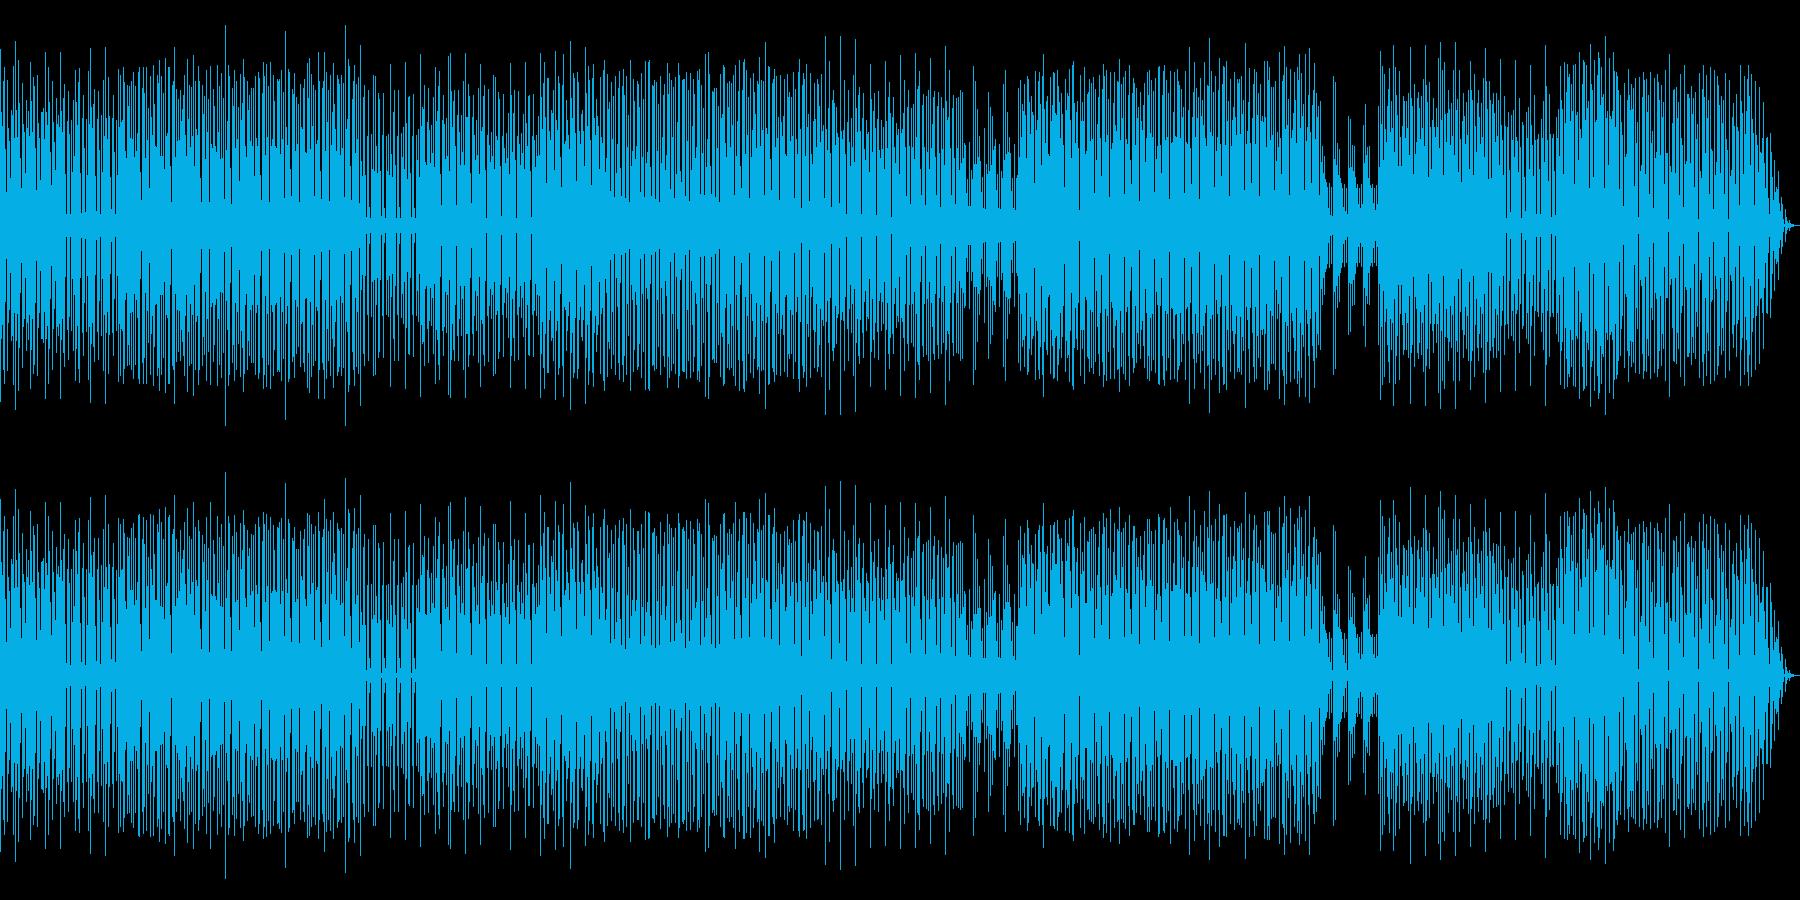 疾走感のあるコミカルワクワクビートですの再生済みの波形